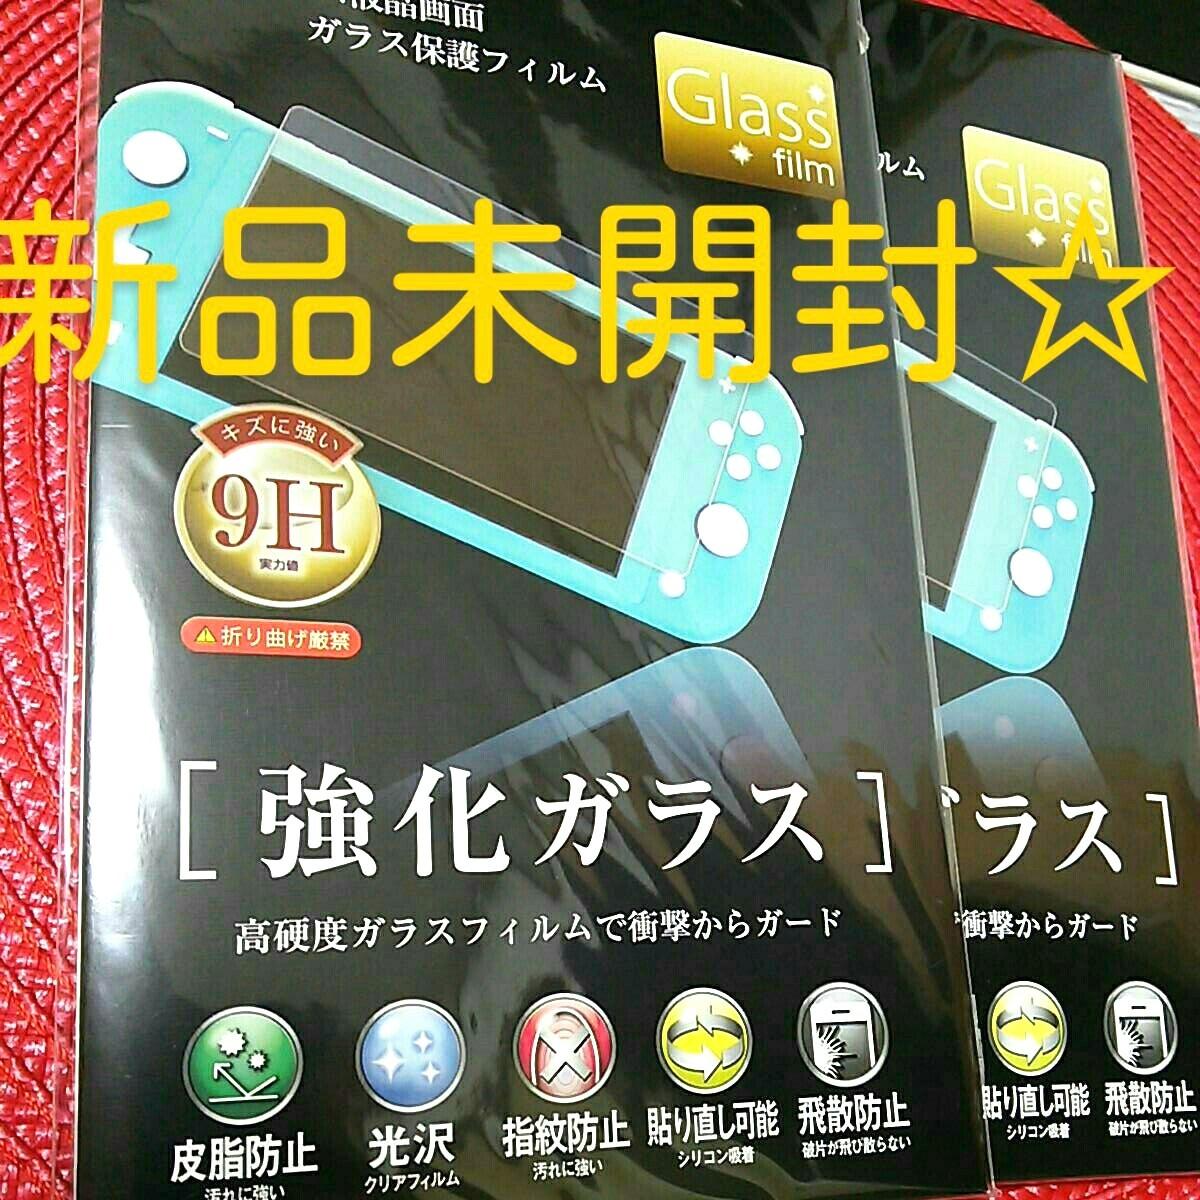 【新品☆】任天堂スイッチLite専用強化ガラスフィルム2枚【送料無料!】